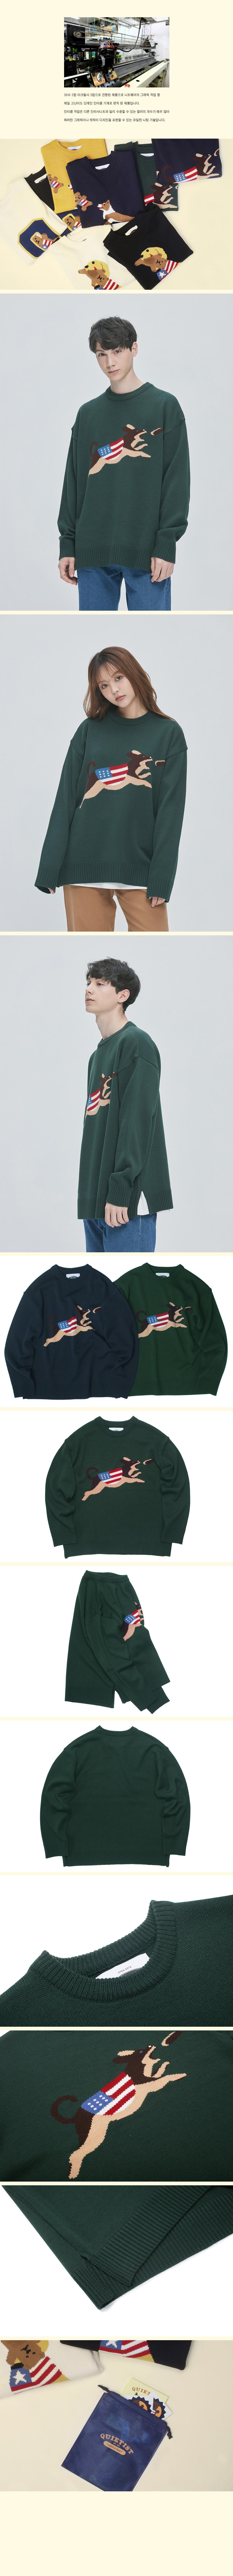 USA Jump Dog Knit Sweater (green)